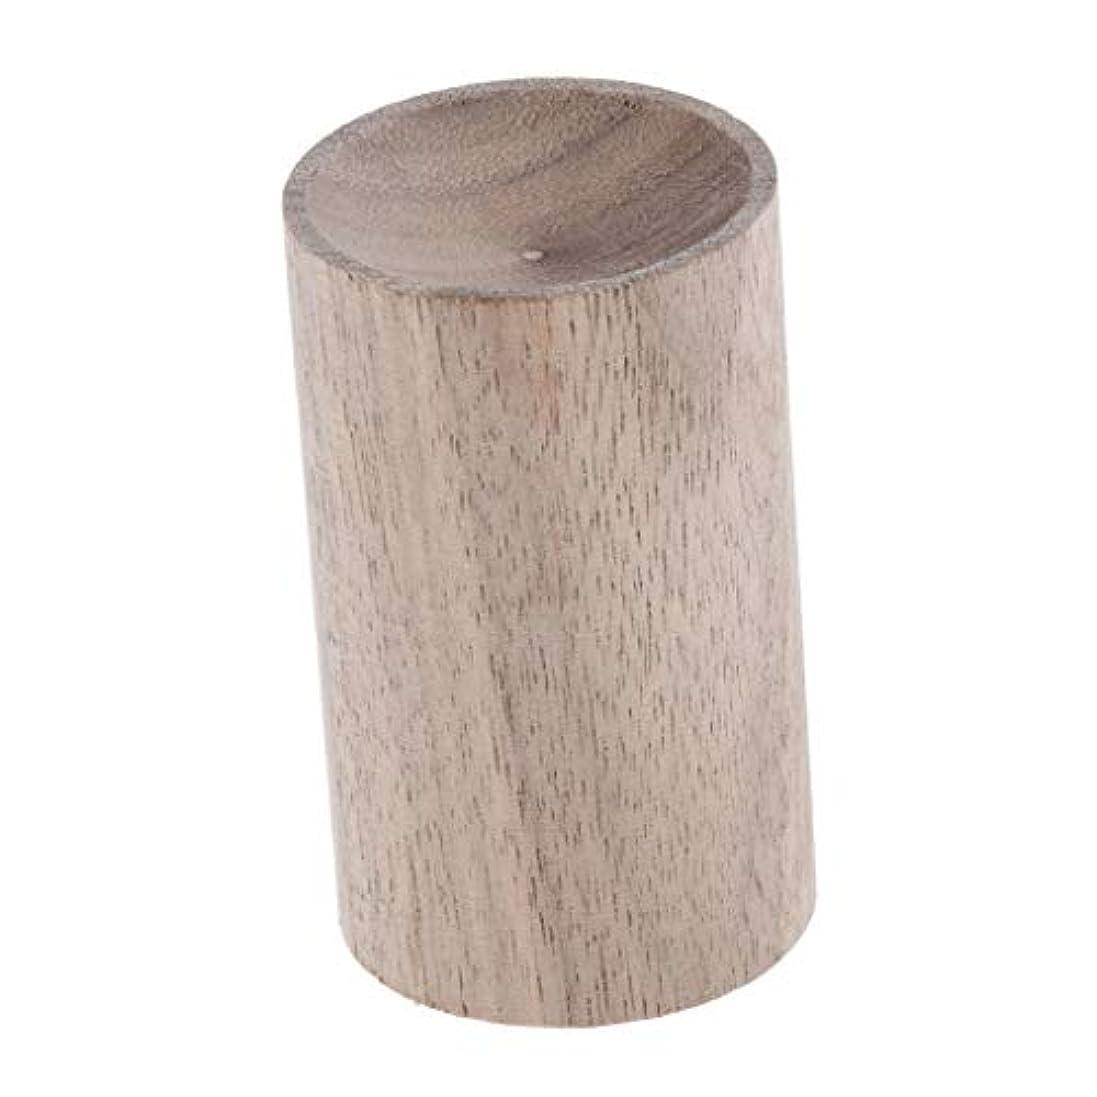 ビンダイヤモンド記念碑的なPerfeclan 天然木 エアフレッシュナー エッセンシャルオイル 香水 アロマディフューザー 使いやすい 2種選ぶ - 02, 3.2cm